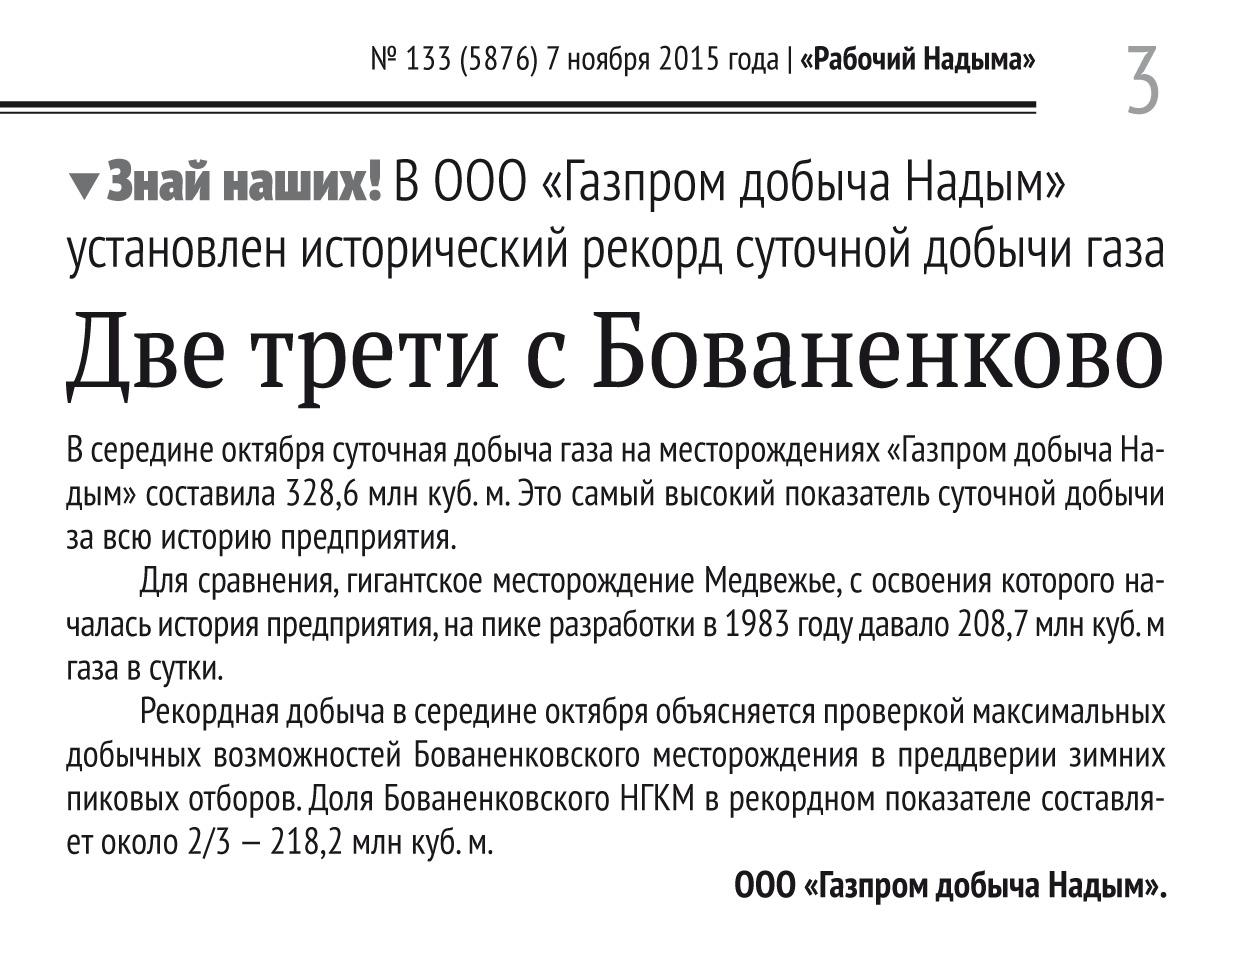 Две трети с Бованенково. В ООО «Газпром добыча Надым» установлен исторический рекорд суточной добычи газа. Газета «Рабочий Надыма», №133 (5876)